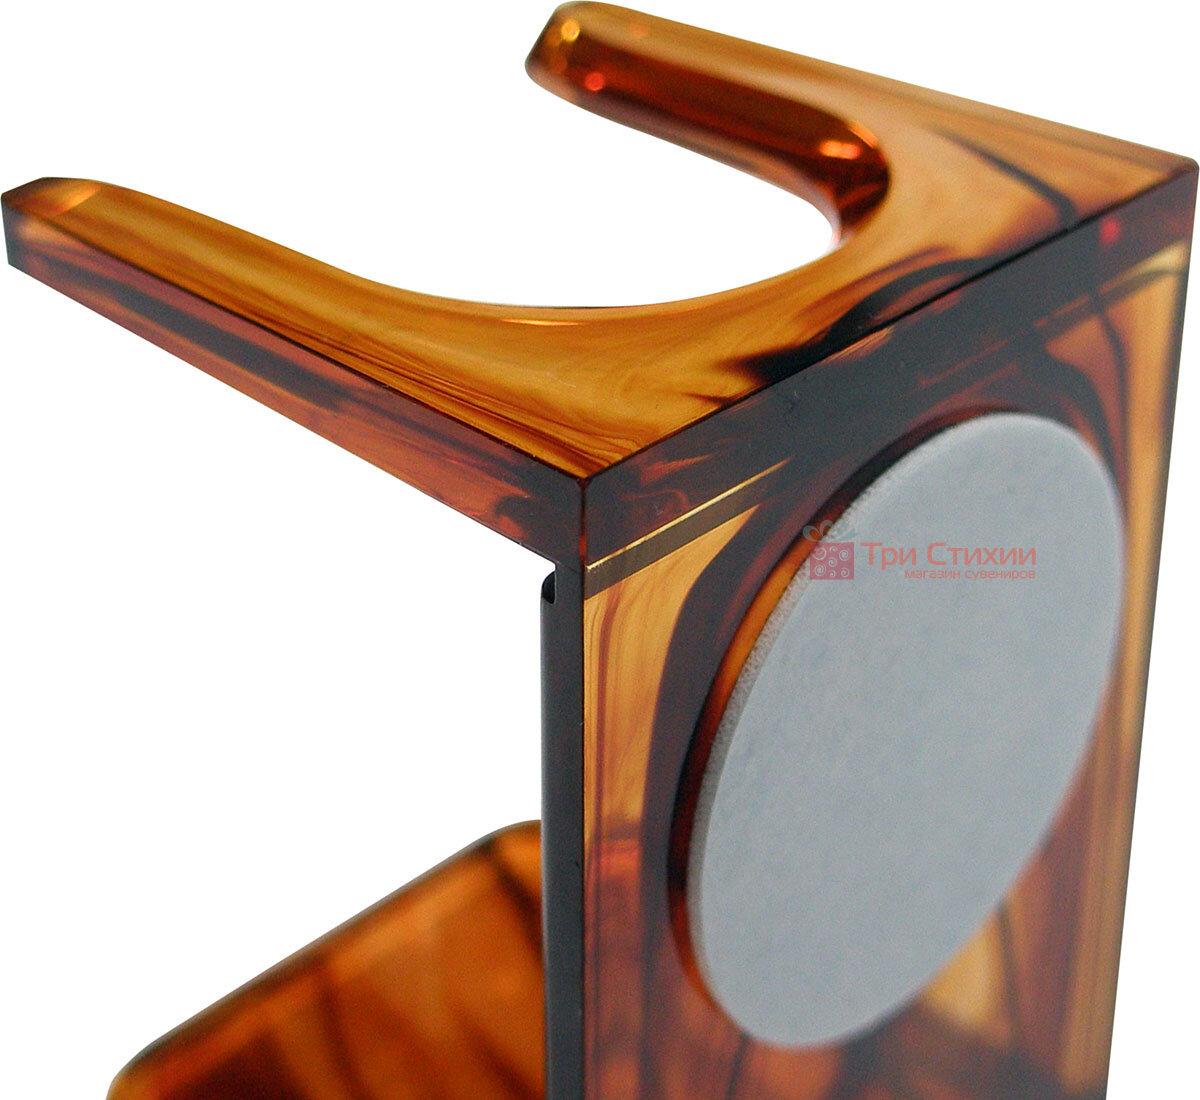 Помазок барсук на подставке Hans Baier 51051-1 Коричневый, фото 4